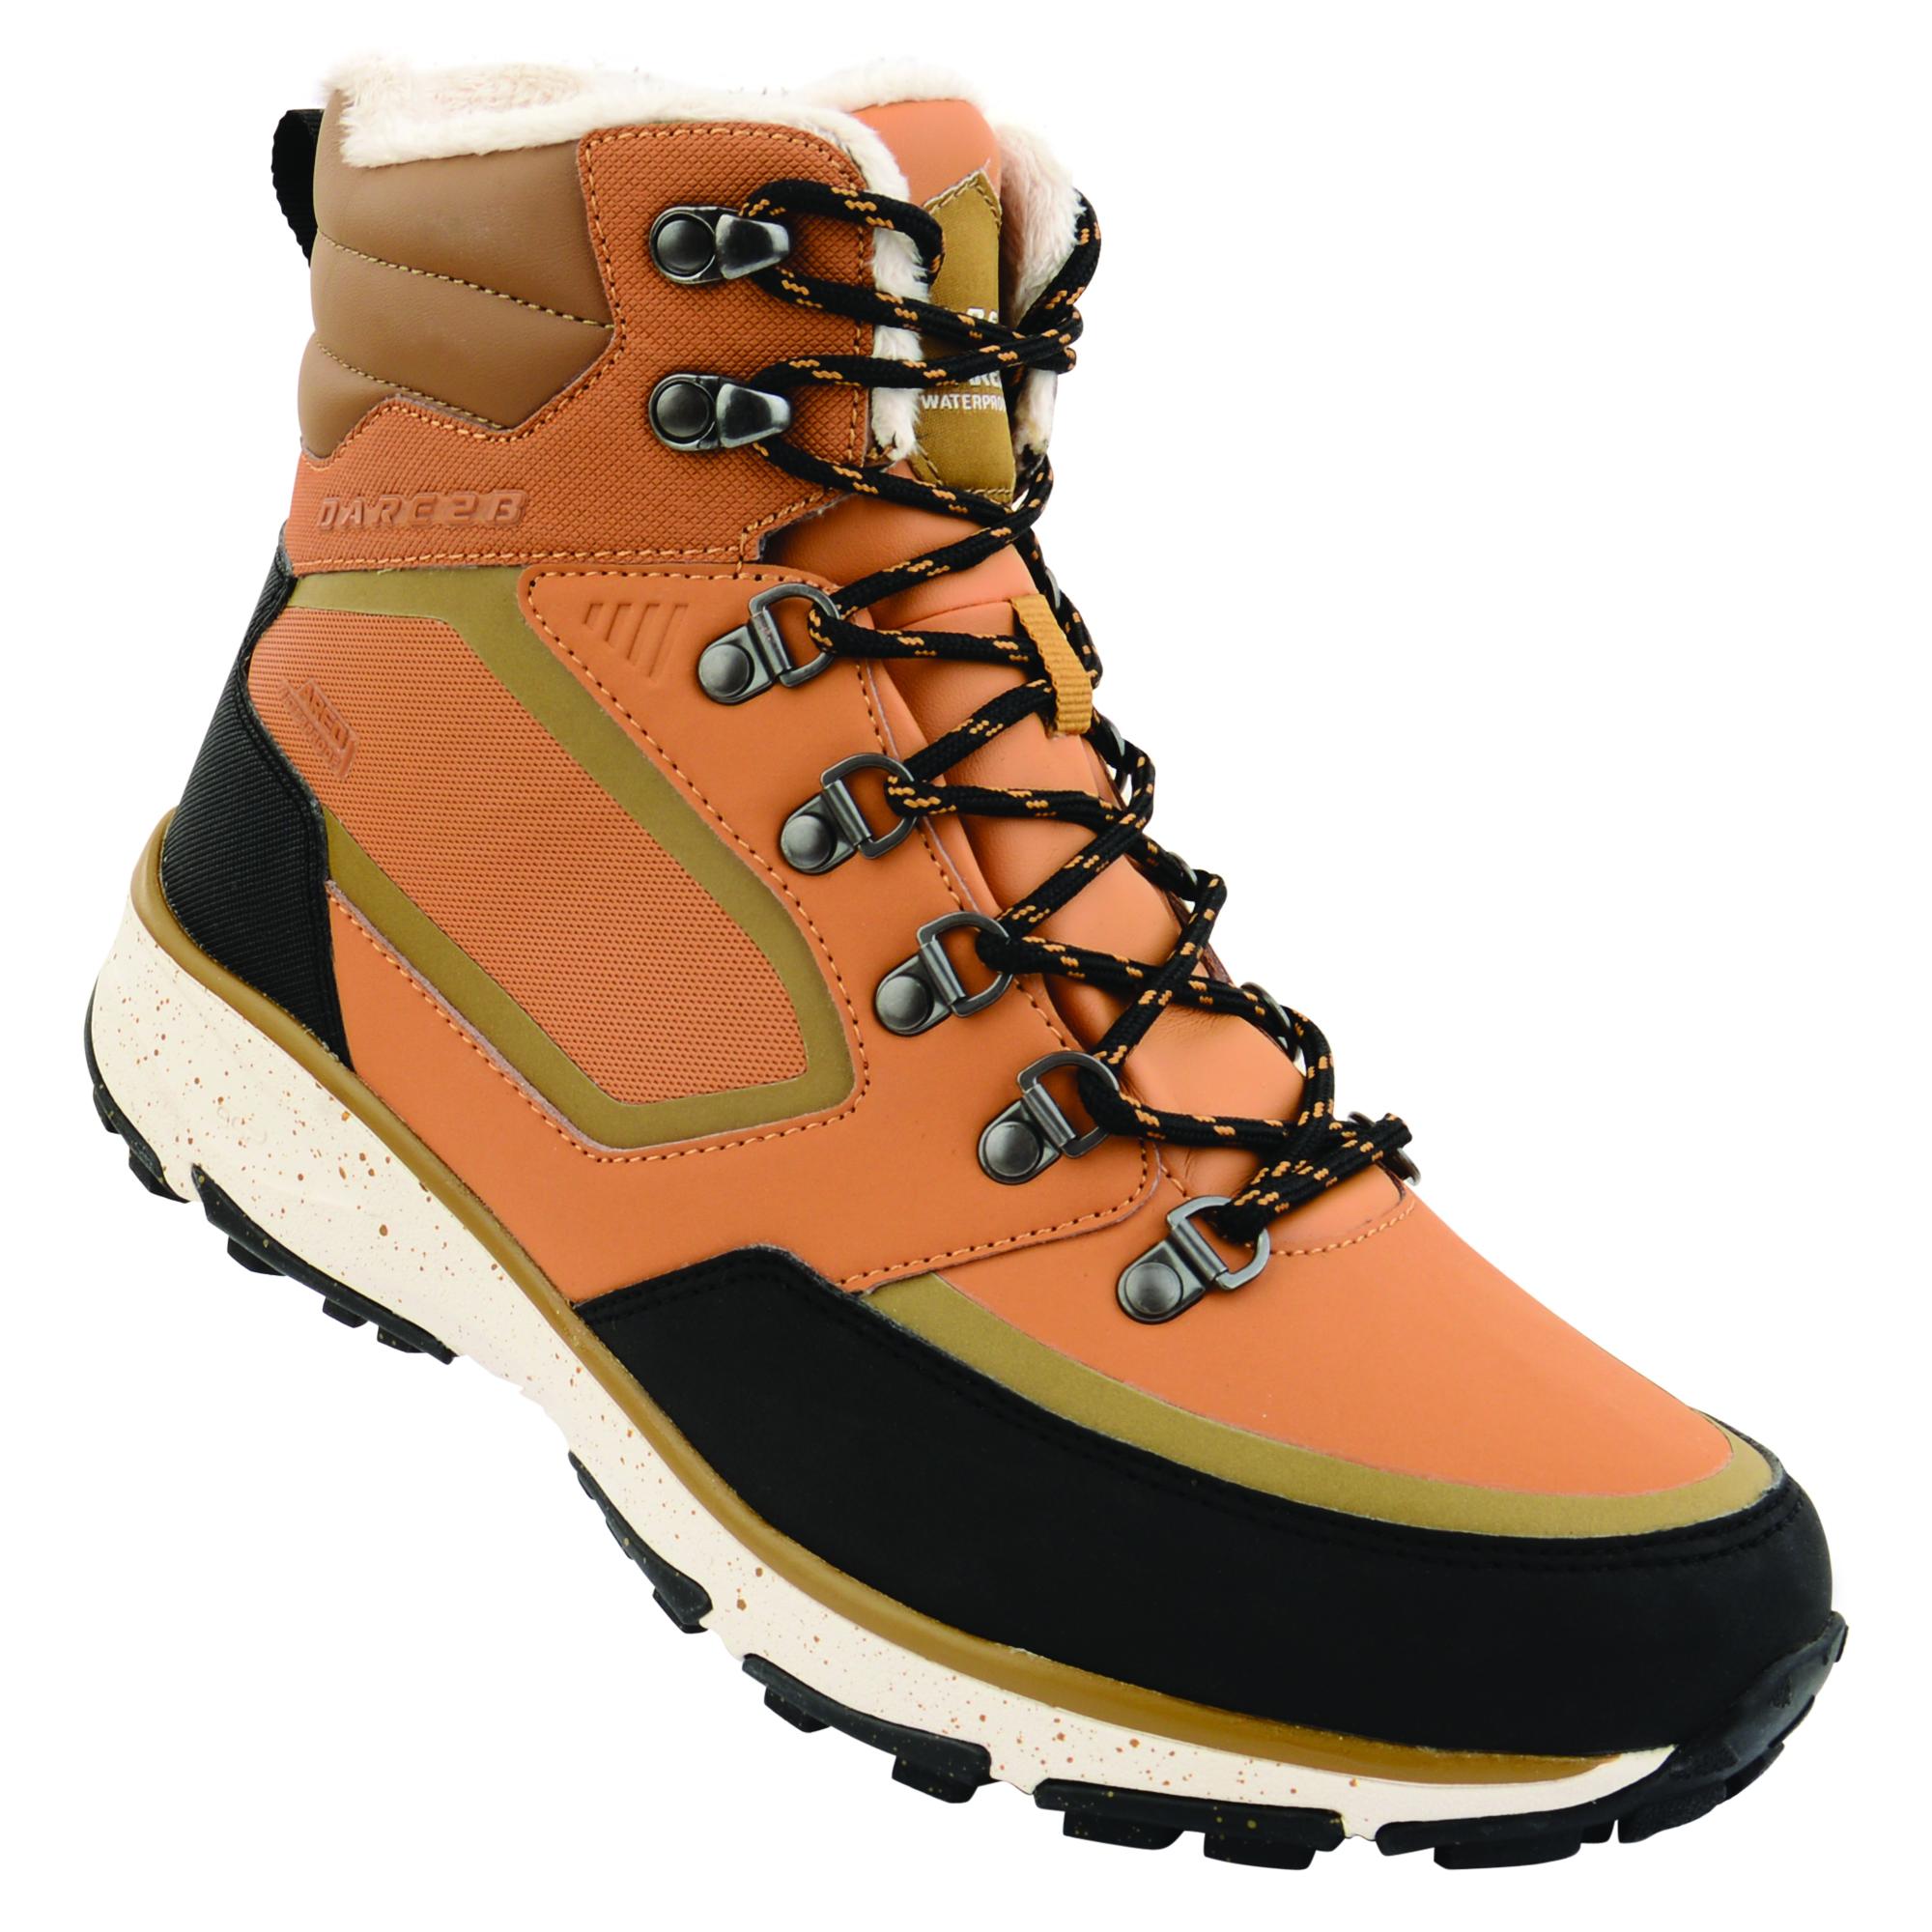 Dare 2b Dare 2b Men/'s Annecy Mid Ski Boots Yellow